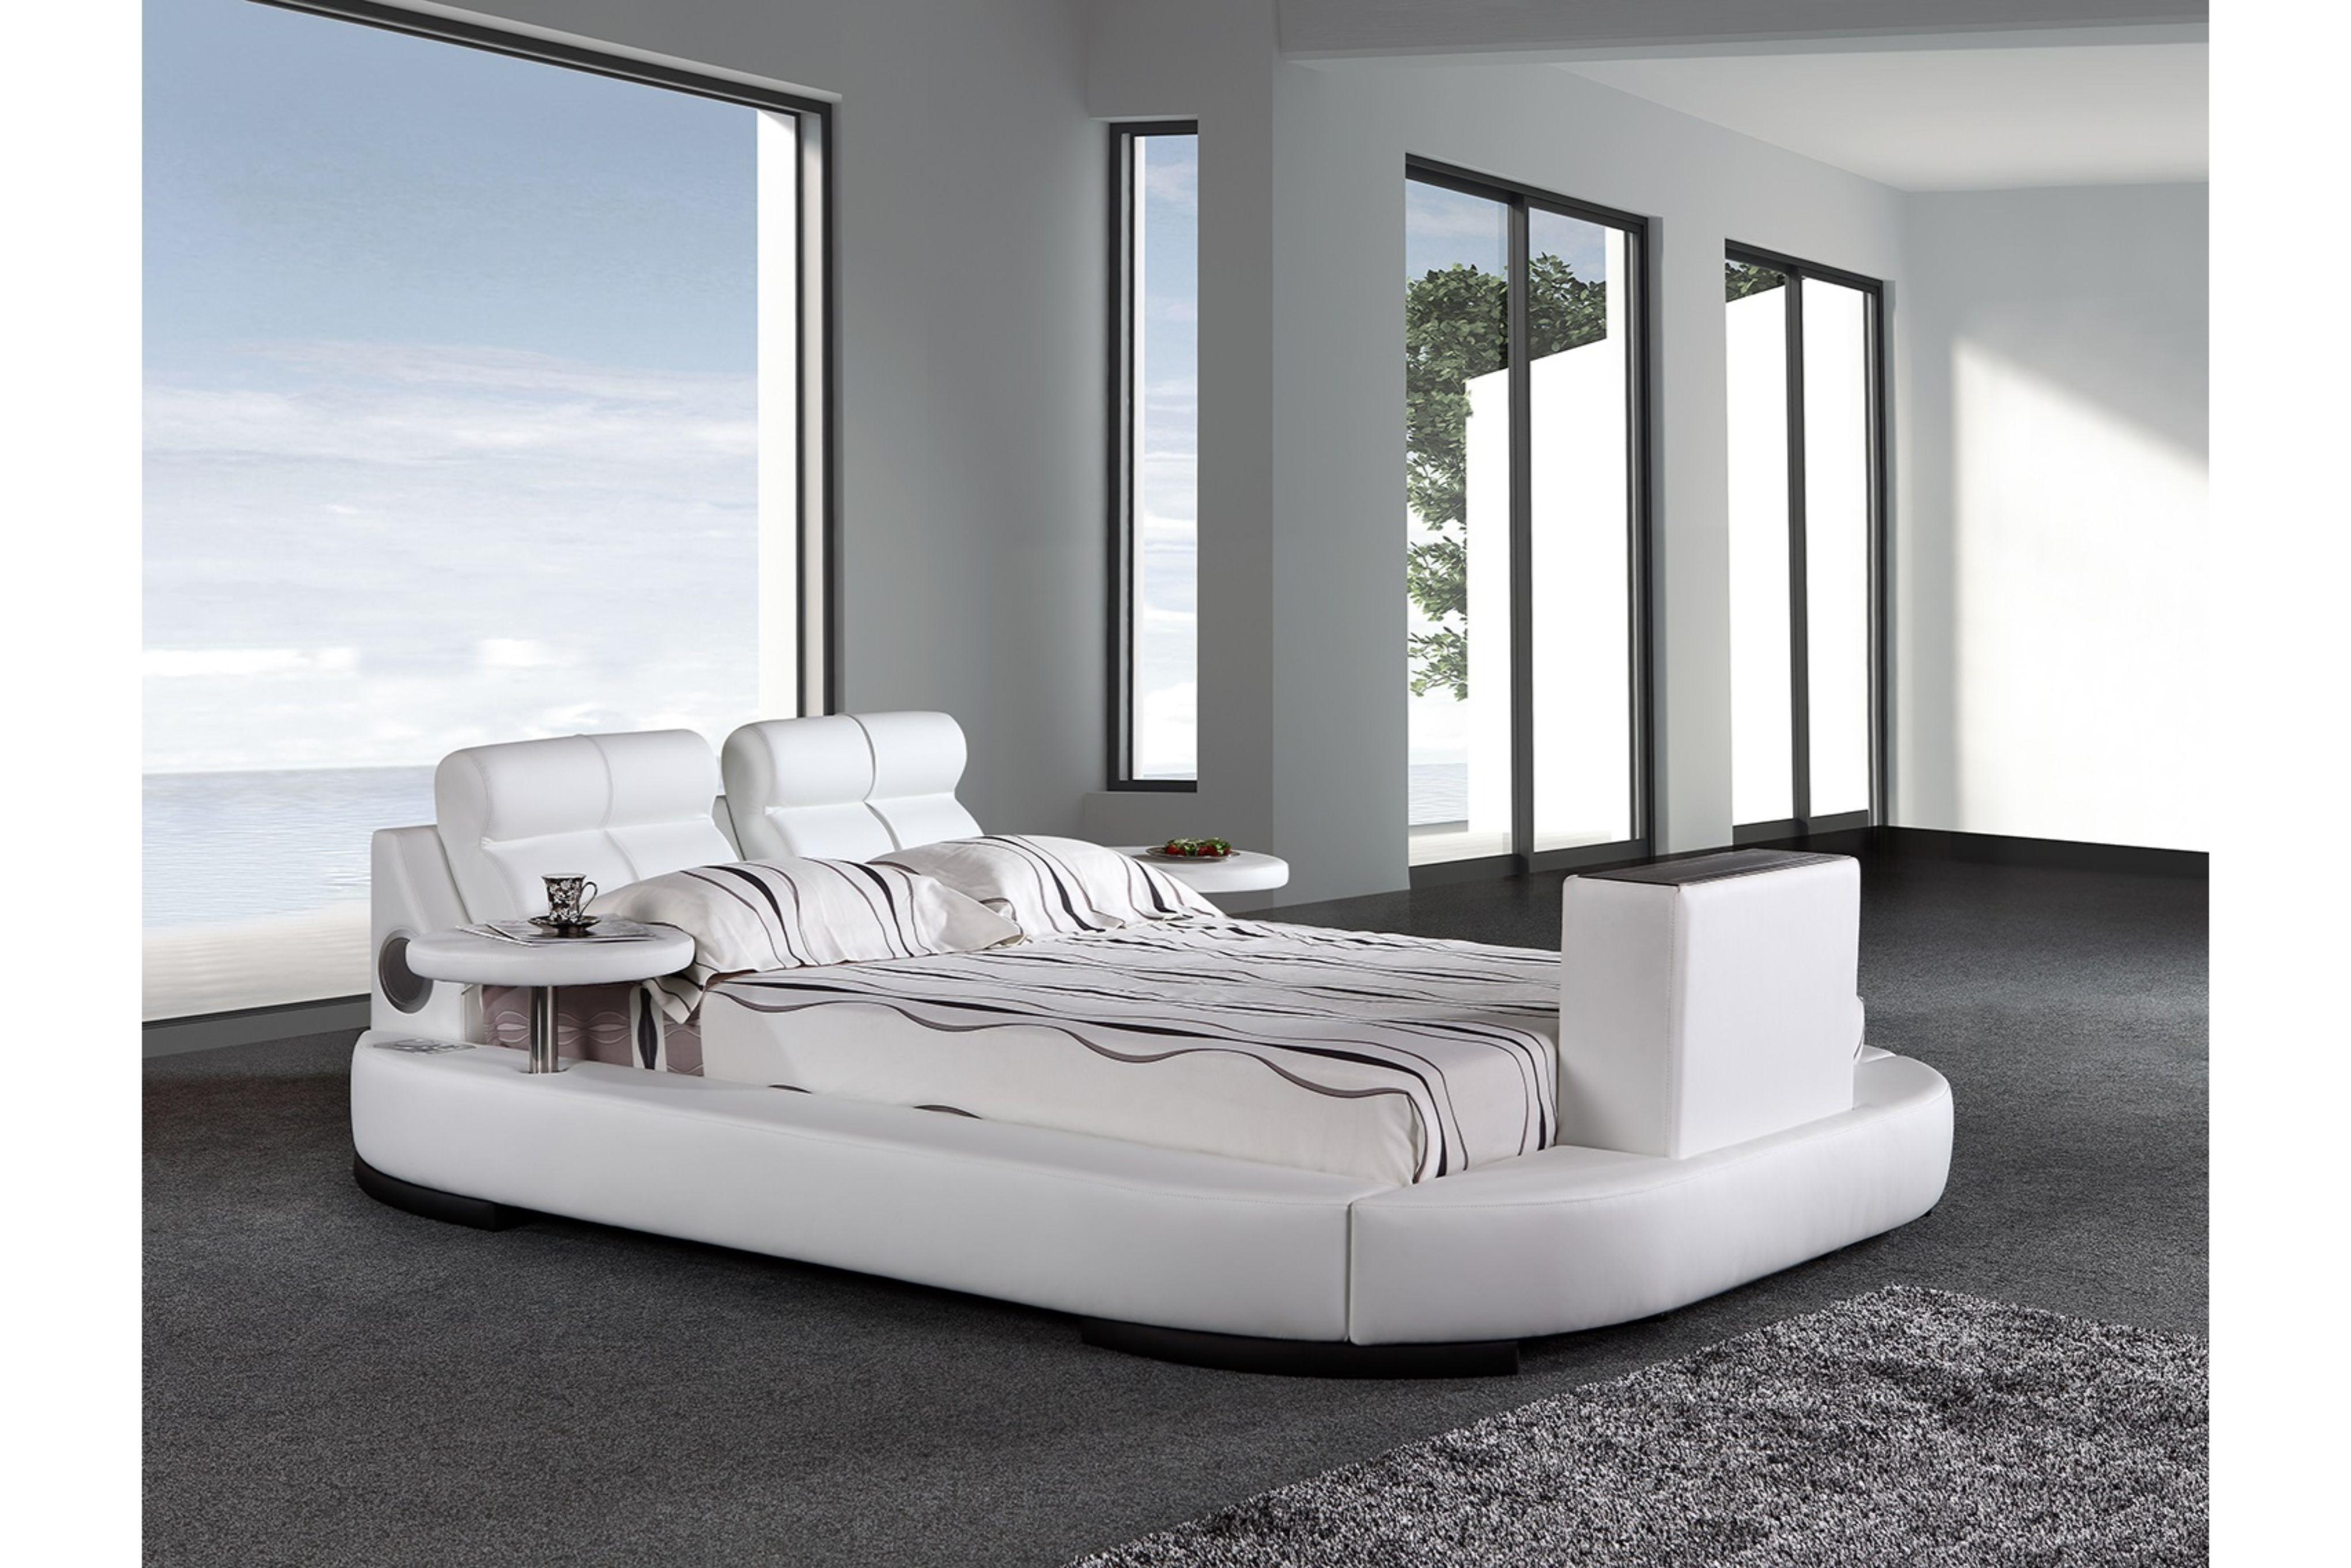 säng rea mio ~ rymond design säng  folketsmobler